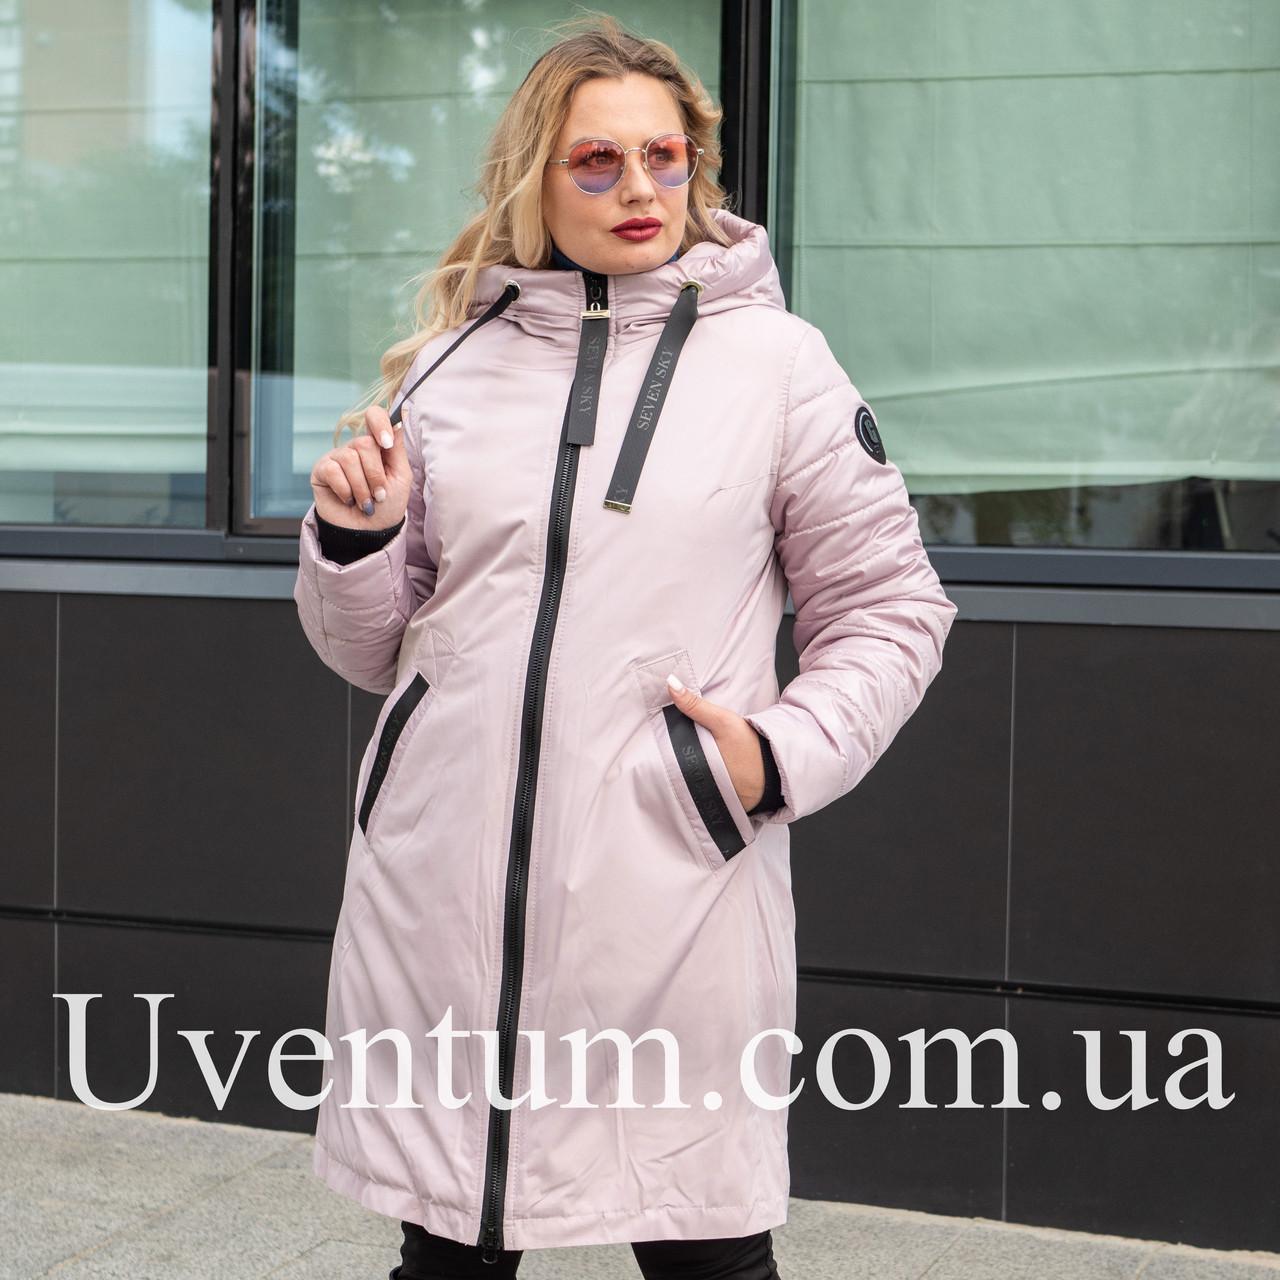 Куртка женская осень-весна больших размеров   50-60 розовый